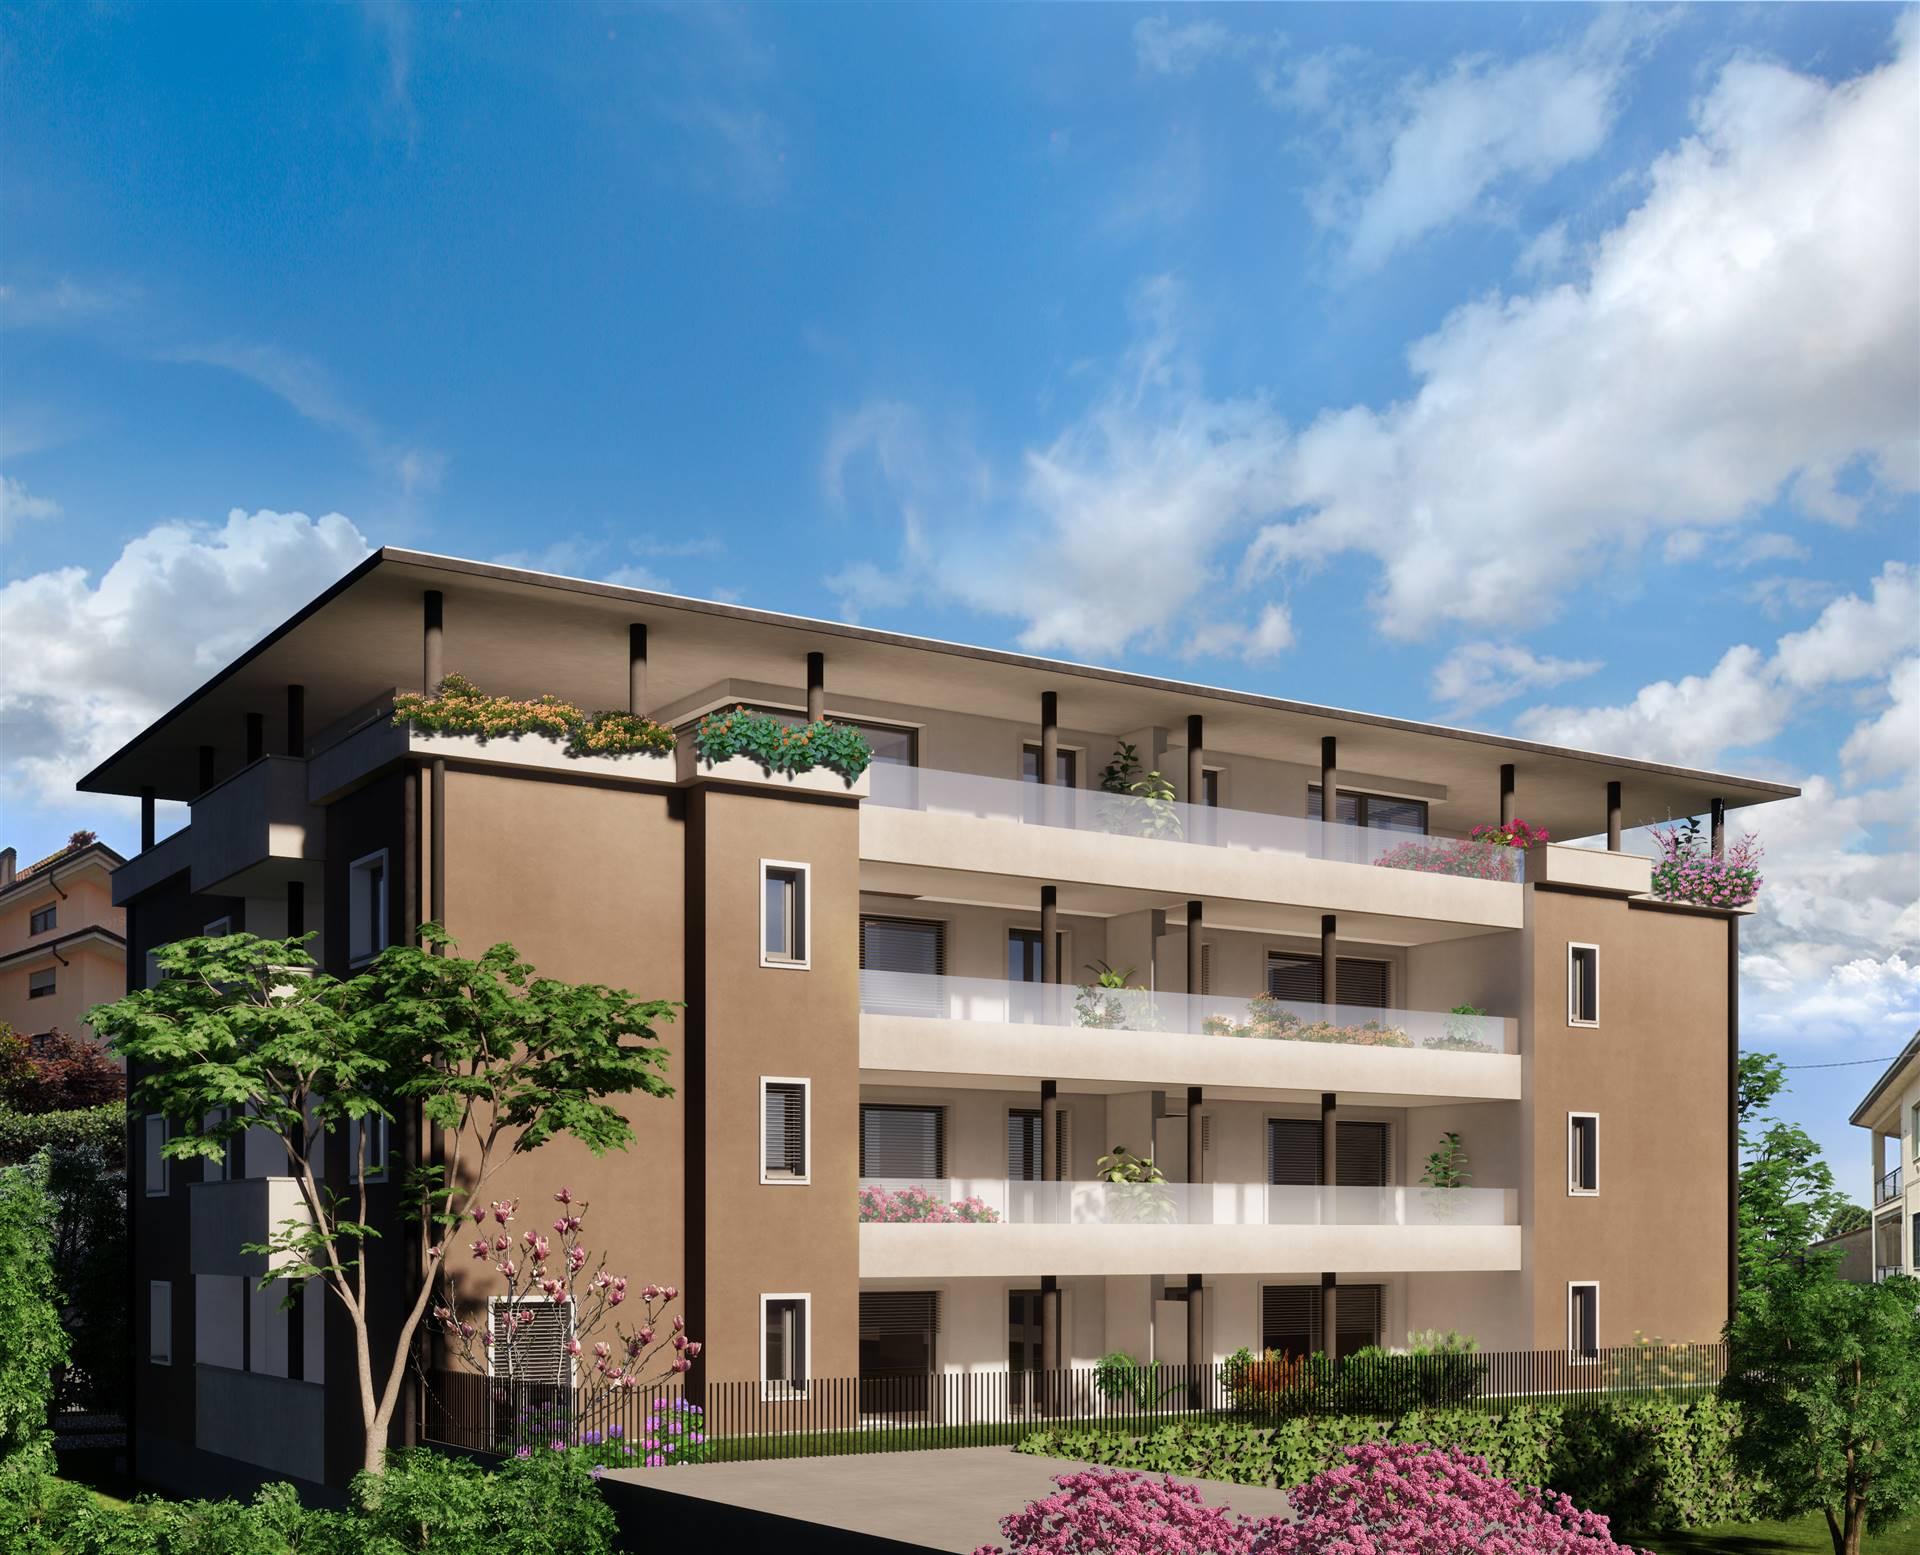 Appartamento in vendita a Melzo, 3 locali, prezzo € 245.000   PortaleAgenzieImmobiliari.it